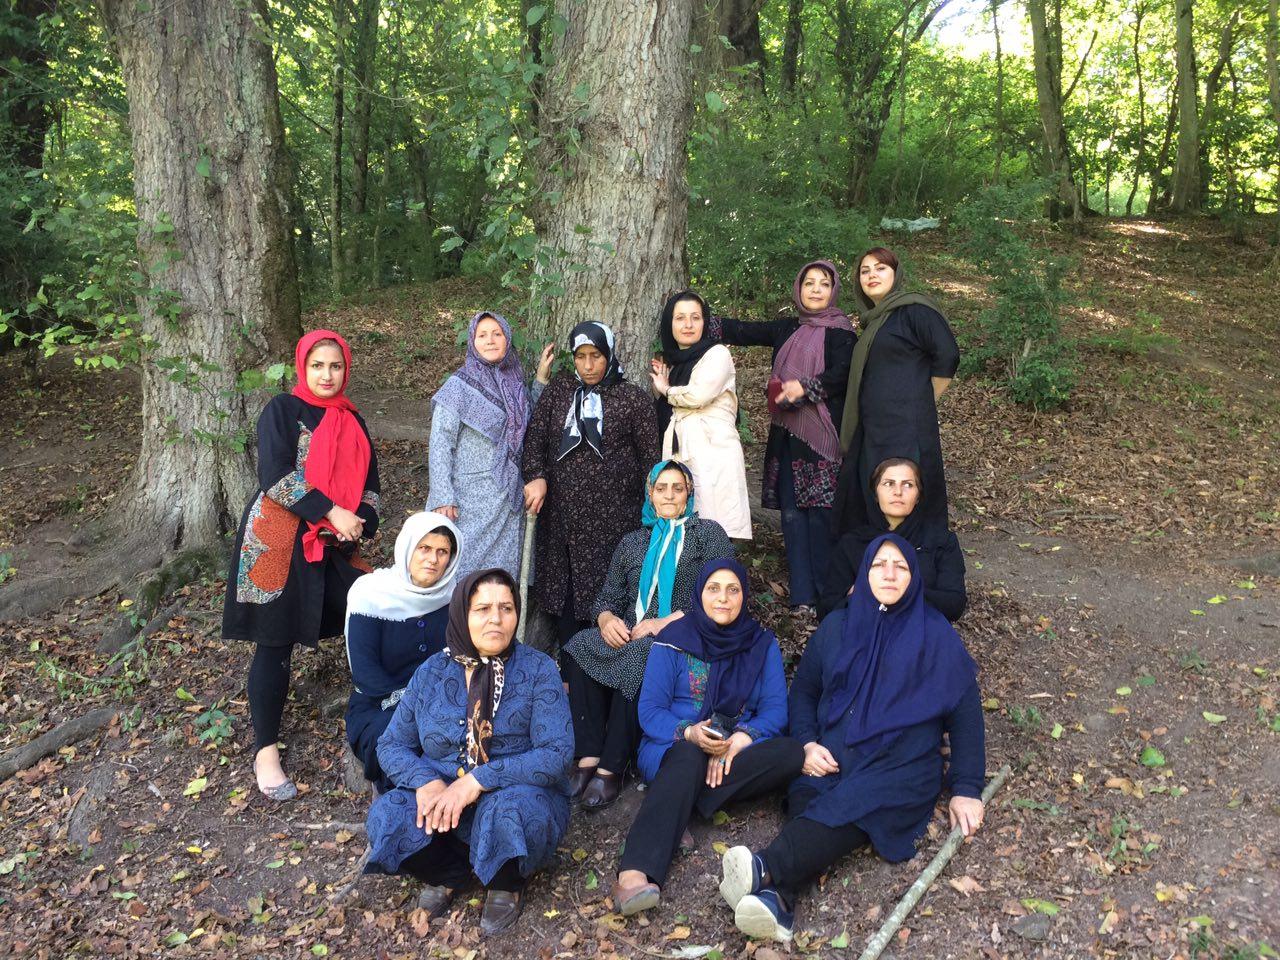 اردوی طبیعت درمانی در مازندران  منطقه جنگلی چورت کیاسر